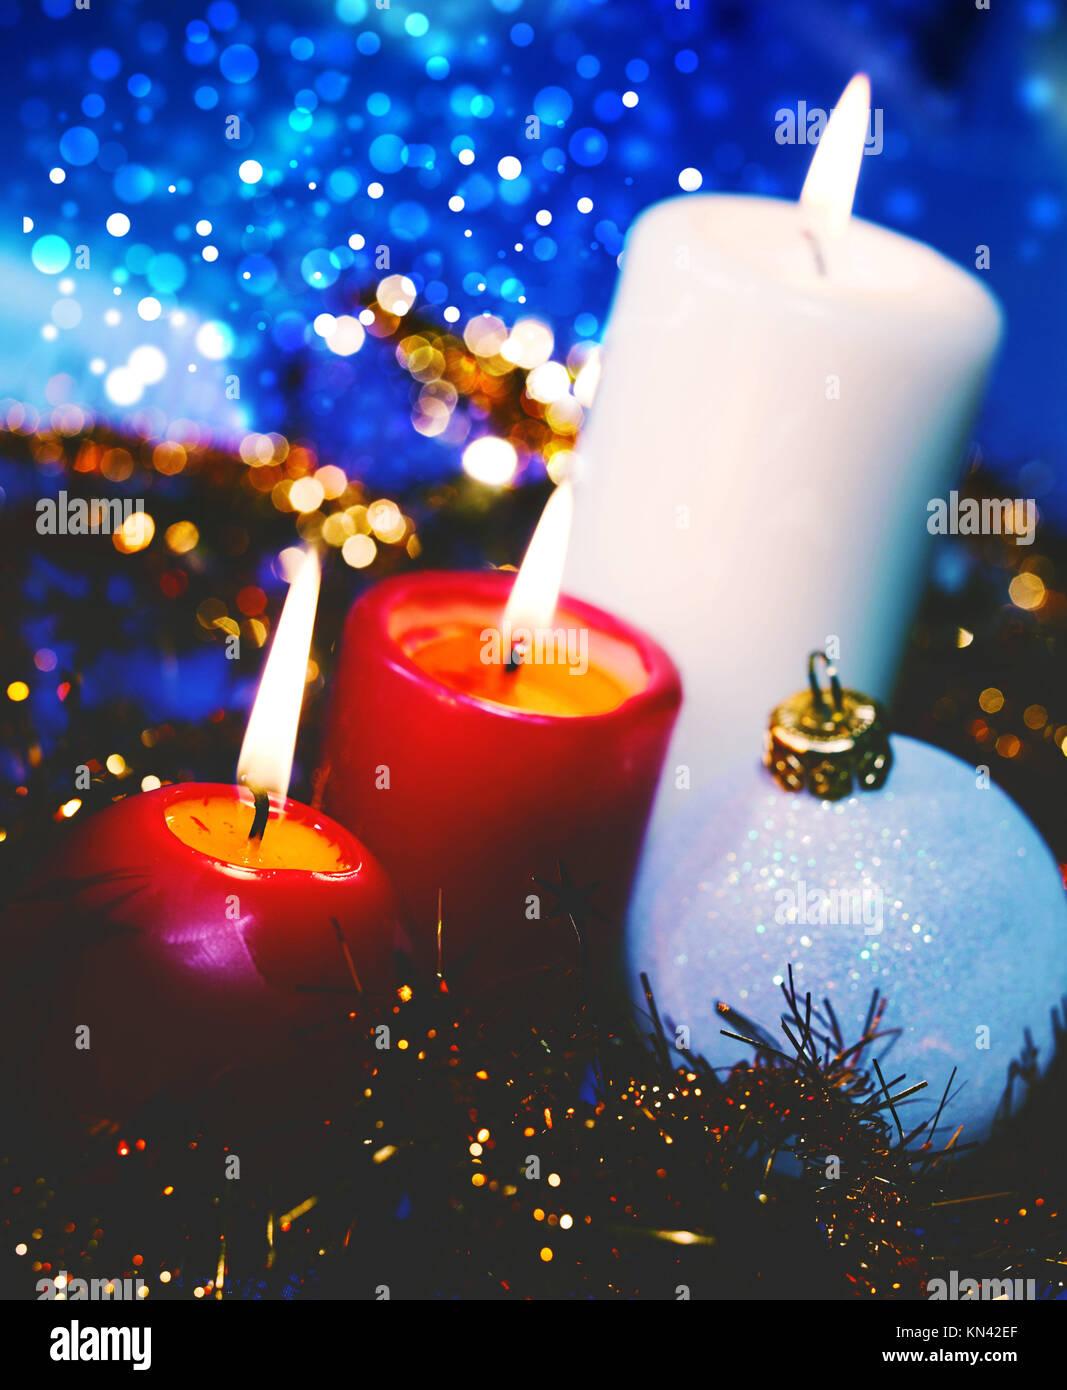 Fondos de Navidad con velas y garland Imagen De Stock